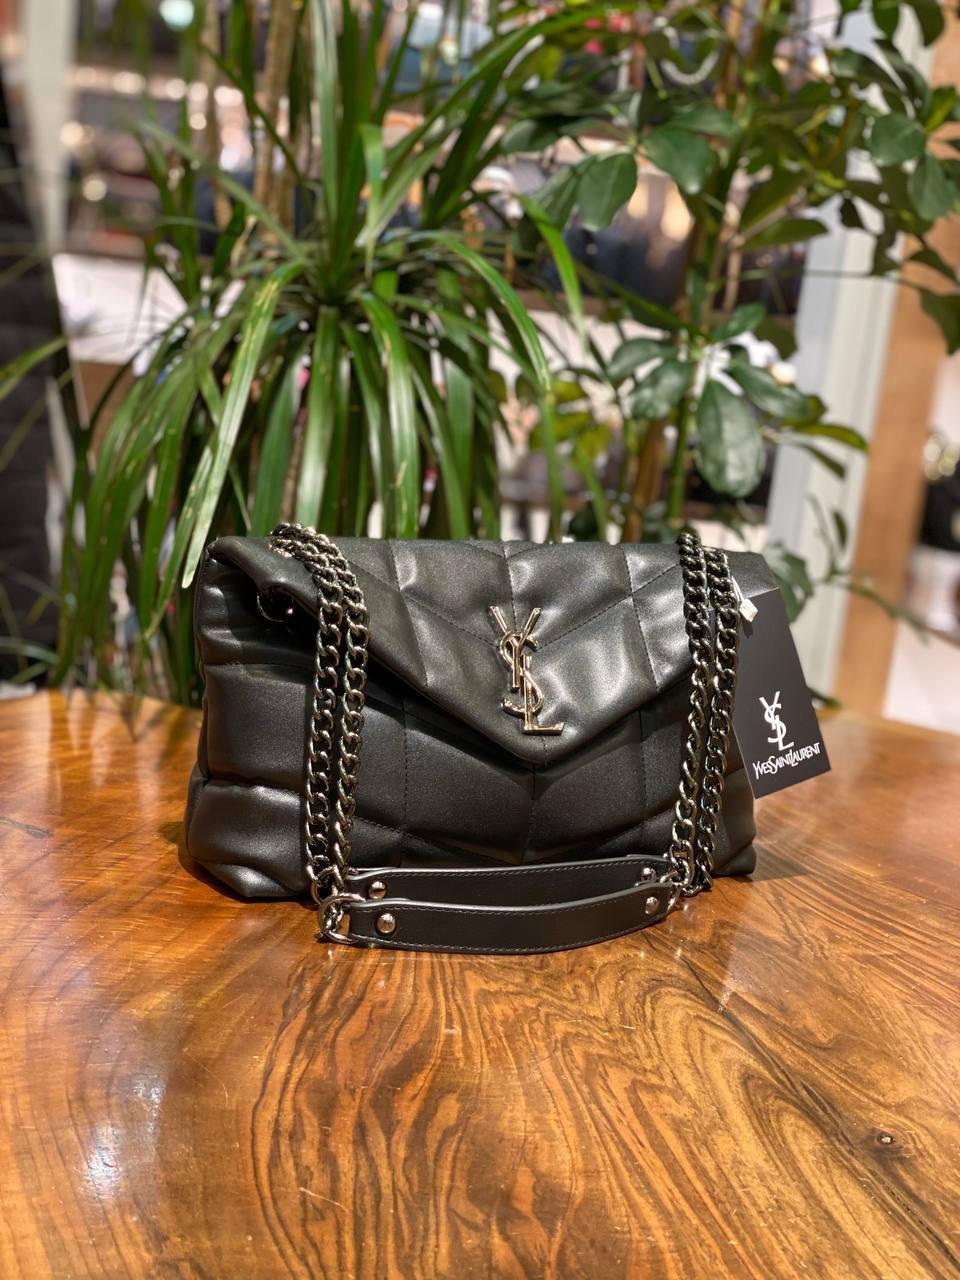 Женская сумка Yves Saint Laurent чёрная/на цепочке/стильная сумочка/модная сумка (люкс копия)